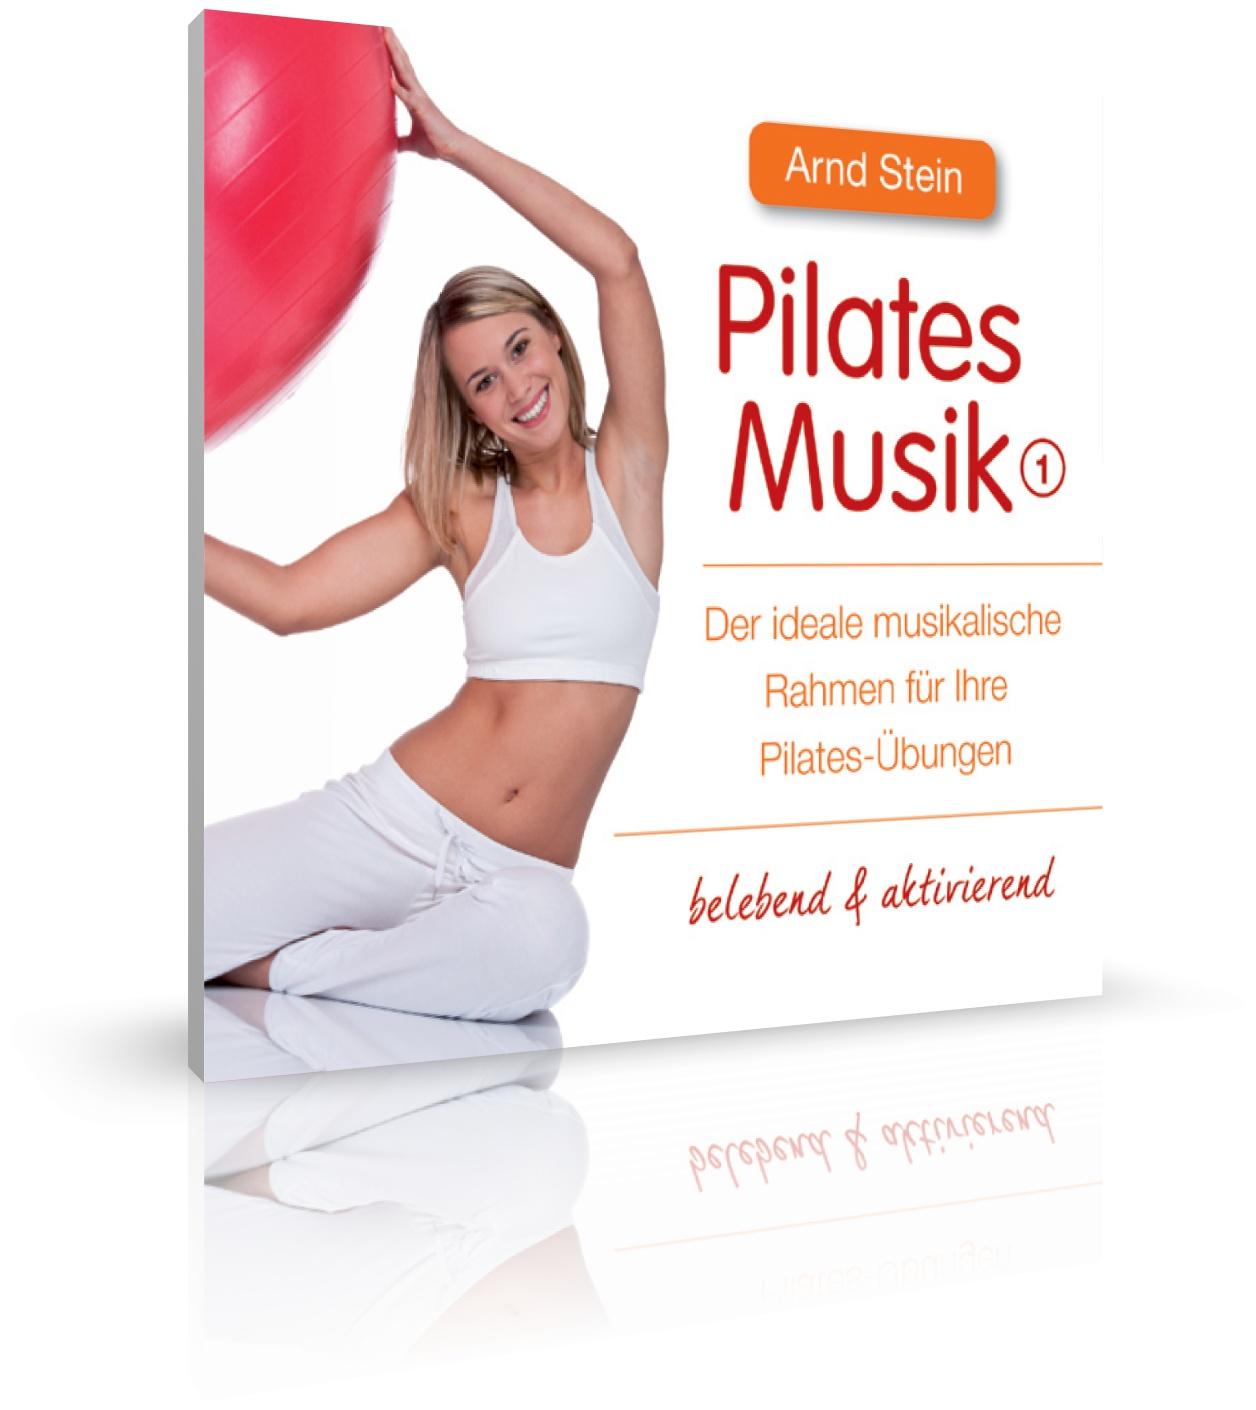 Pilates Musik 1 von Arnd Stein (CD)